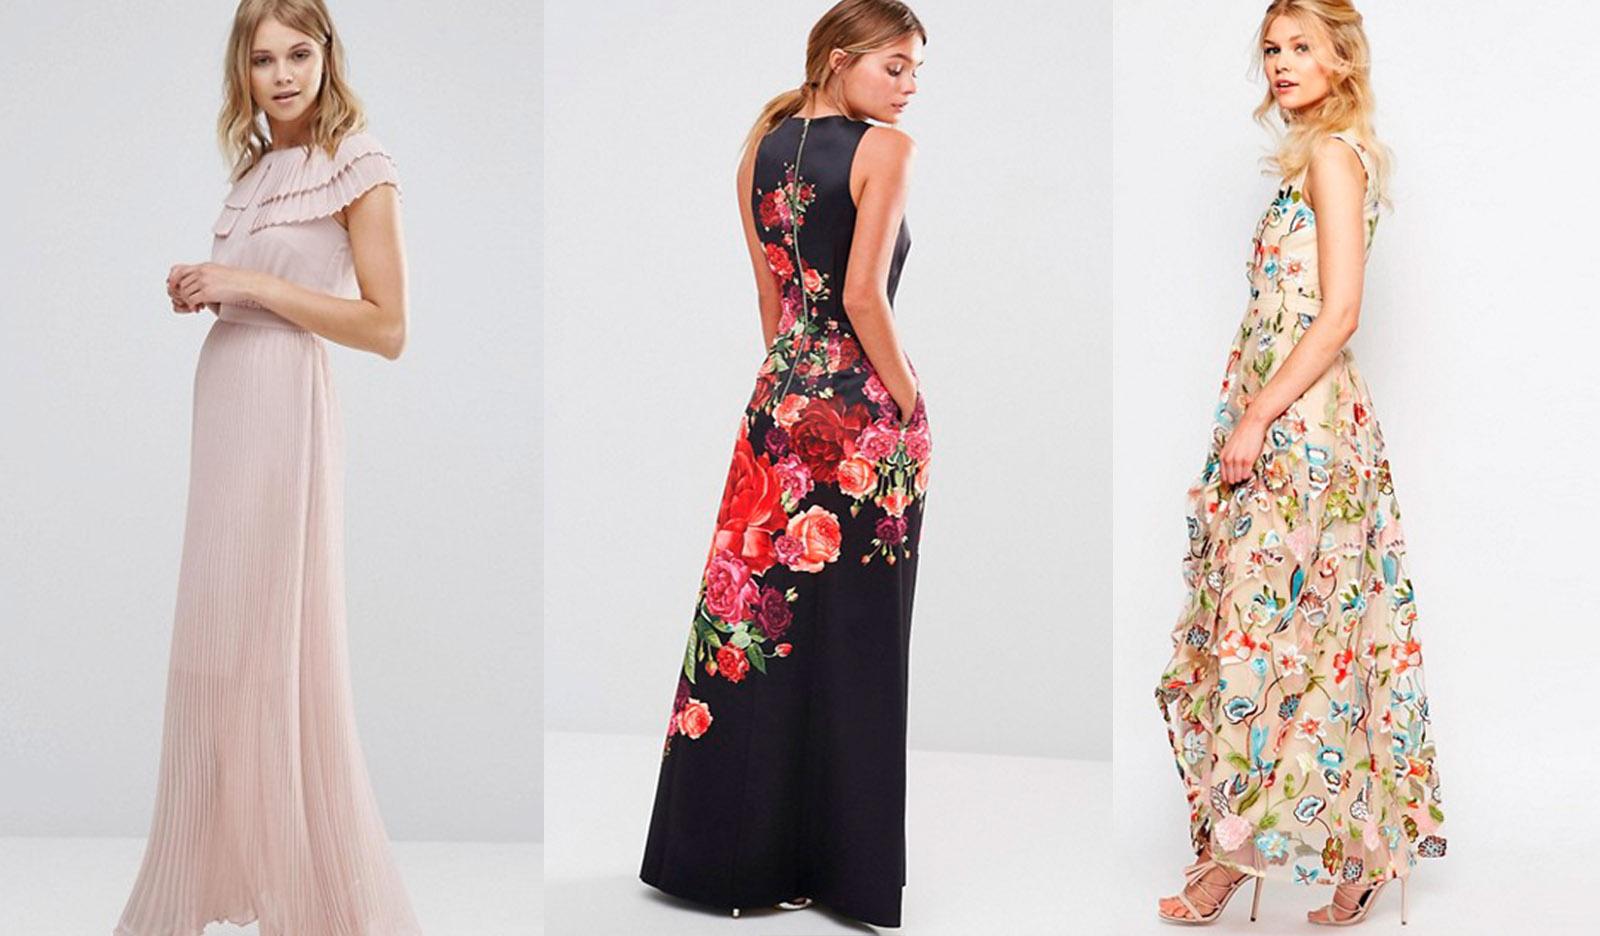 Imagenes de vestidos para boda en la tarde